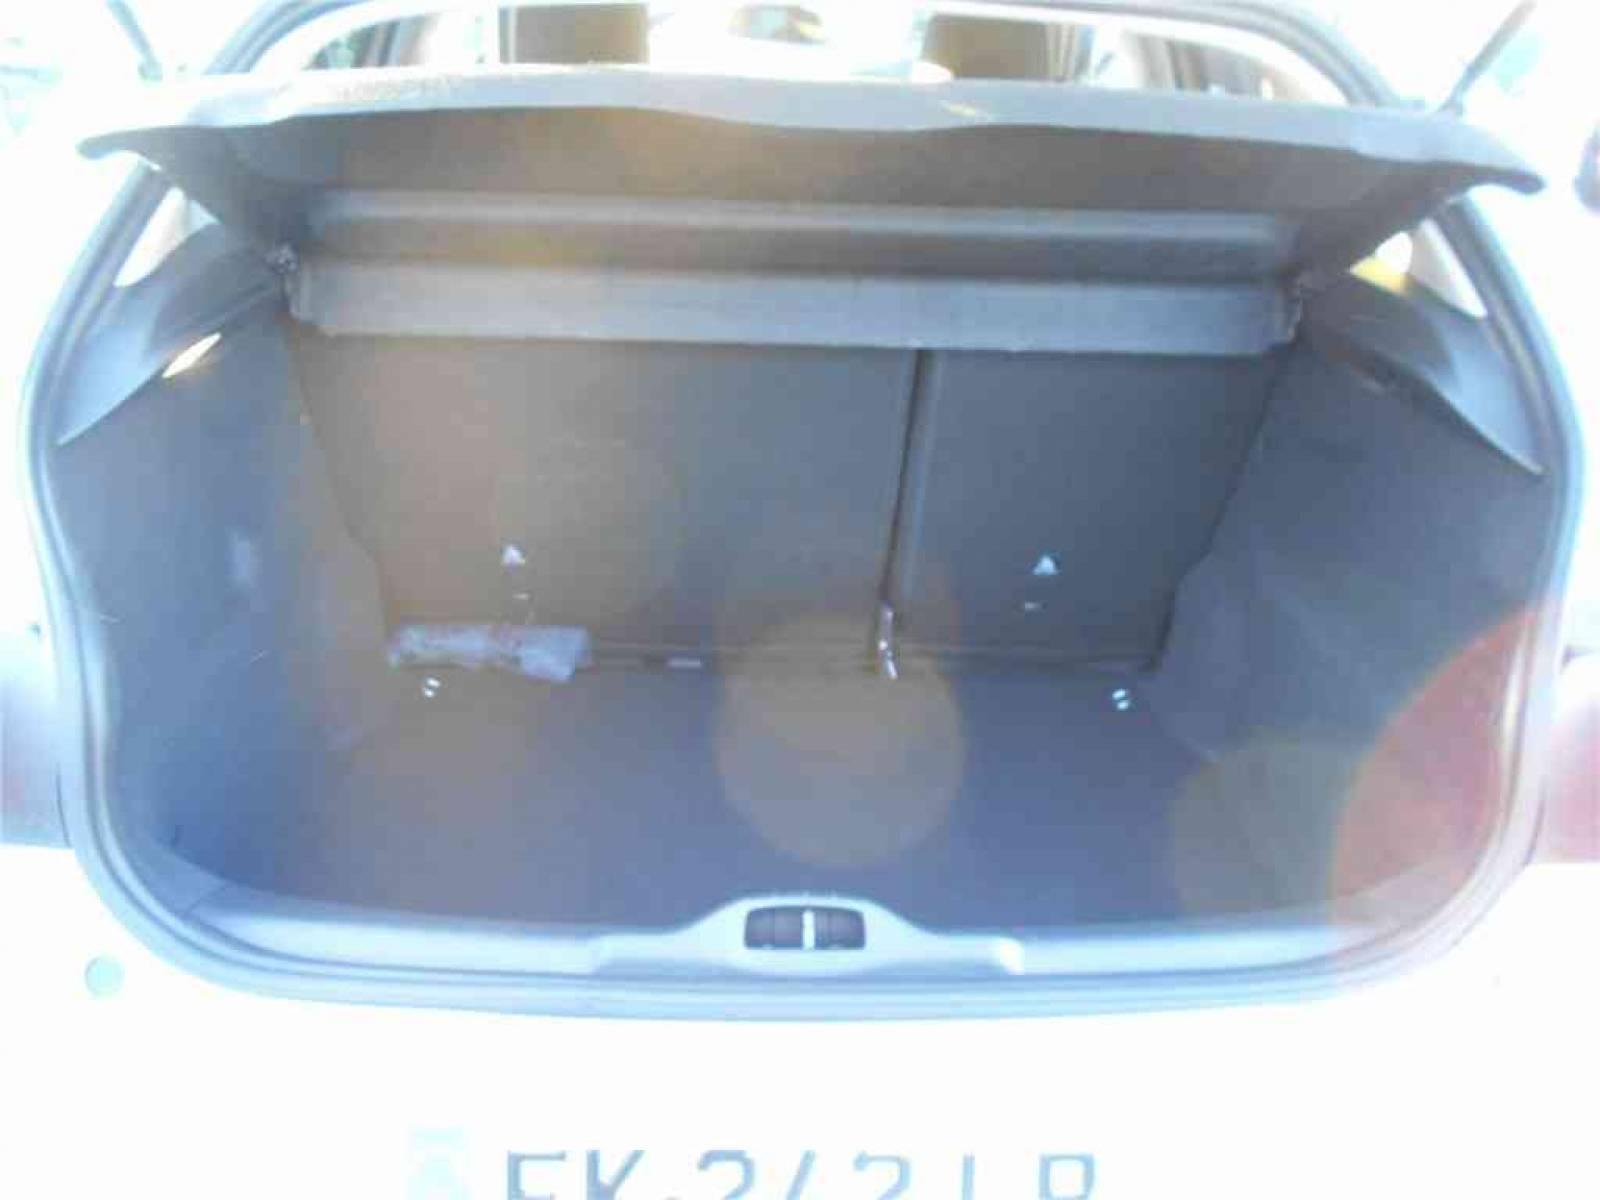 CITROEN C4 Cactus PureTech 110 S&S EAT6 - véhicule d'occasion - Groupe Guillet - Chalon Automobiles - 71100 - Chalon-sur-Saône - 16